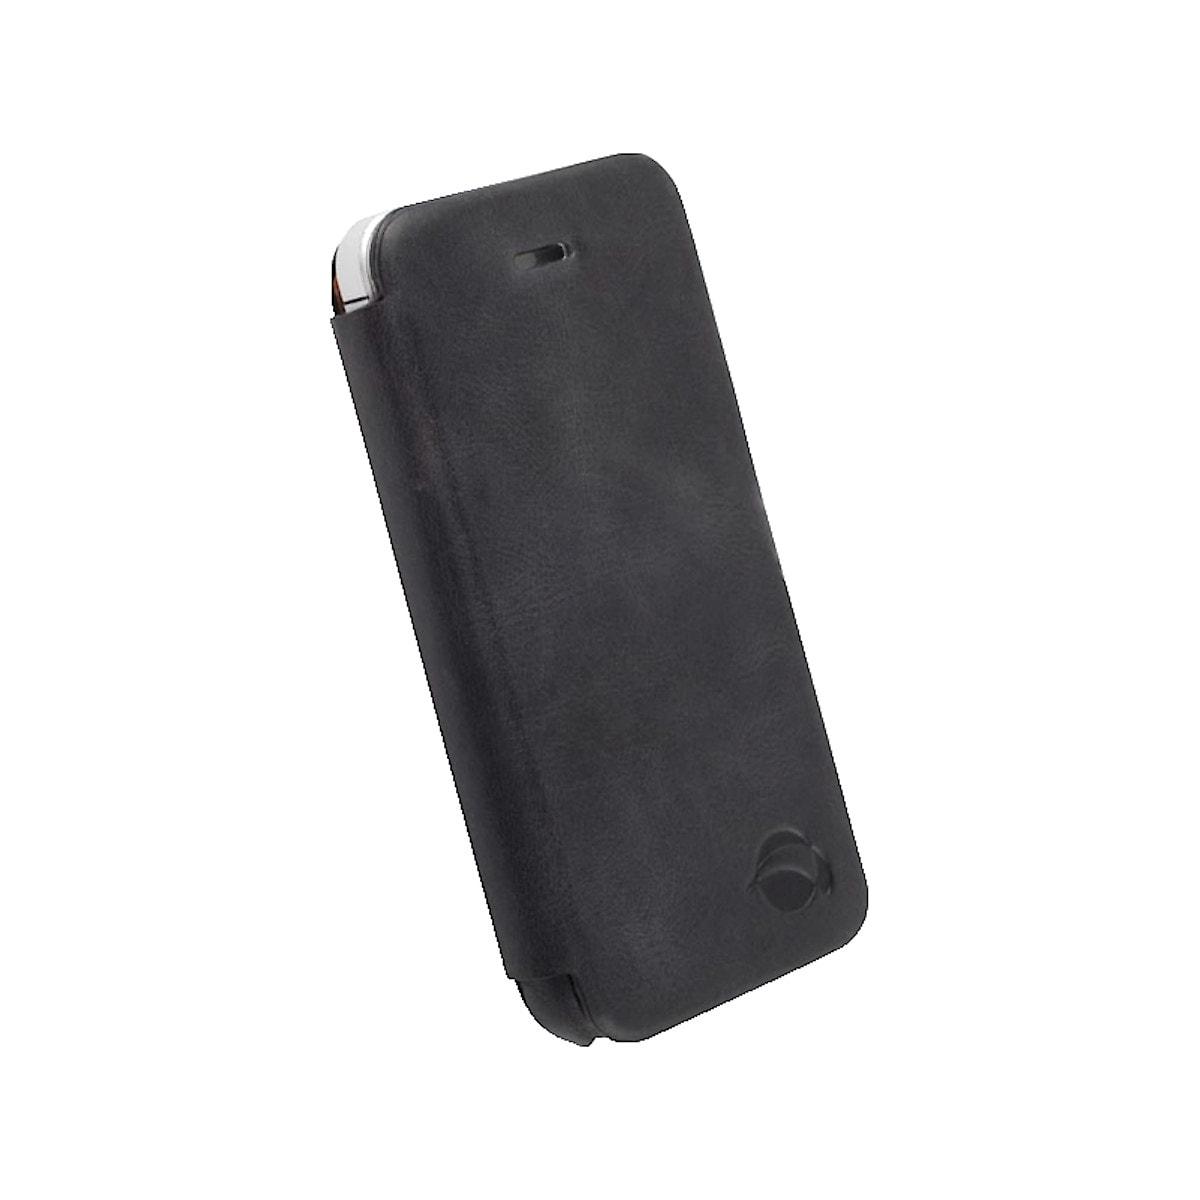 Plånboksfodral för iPhone 5/5S/SE Krusell Kiruna